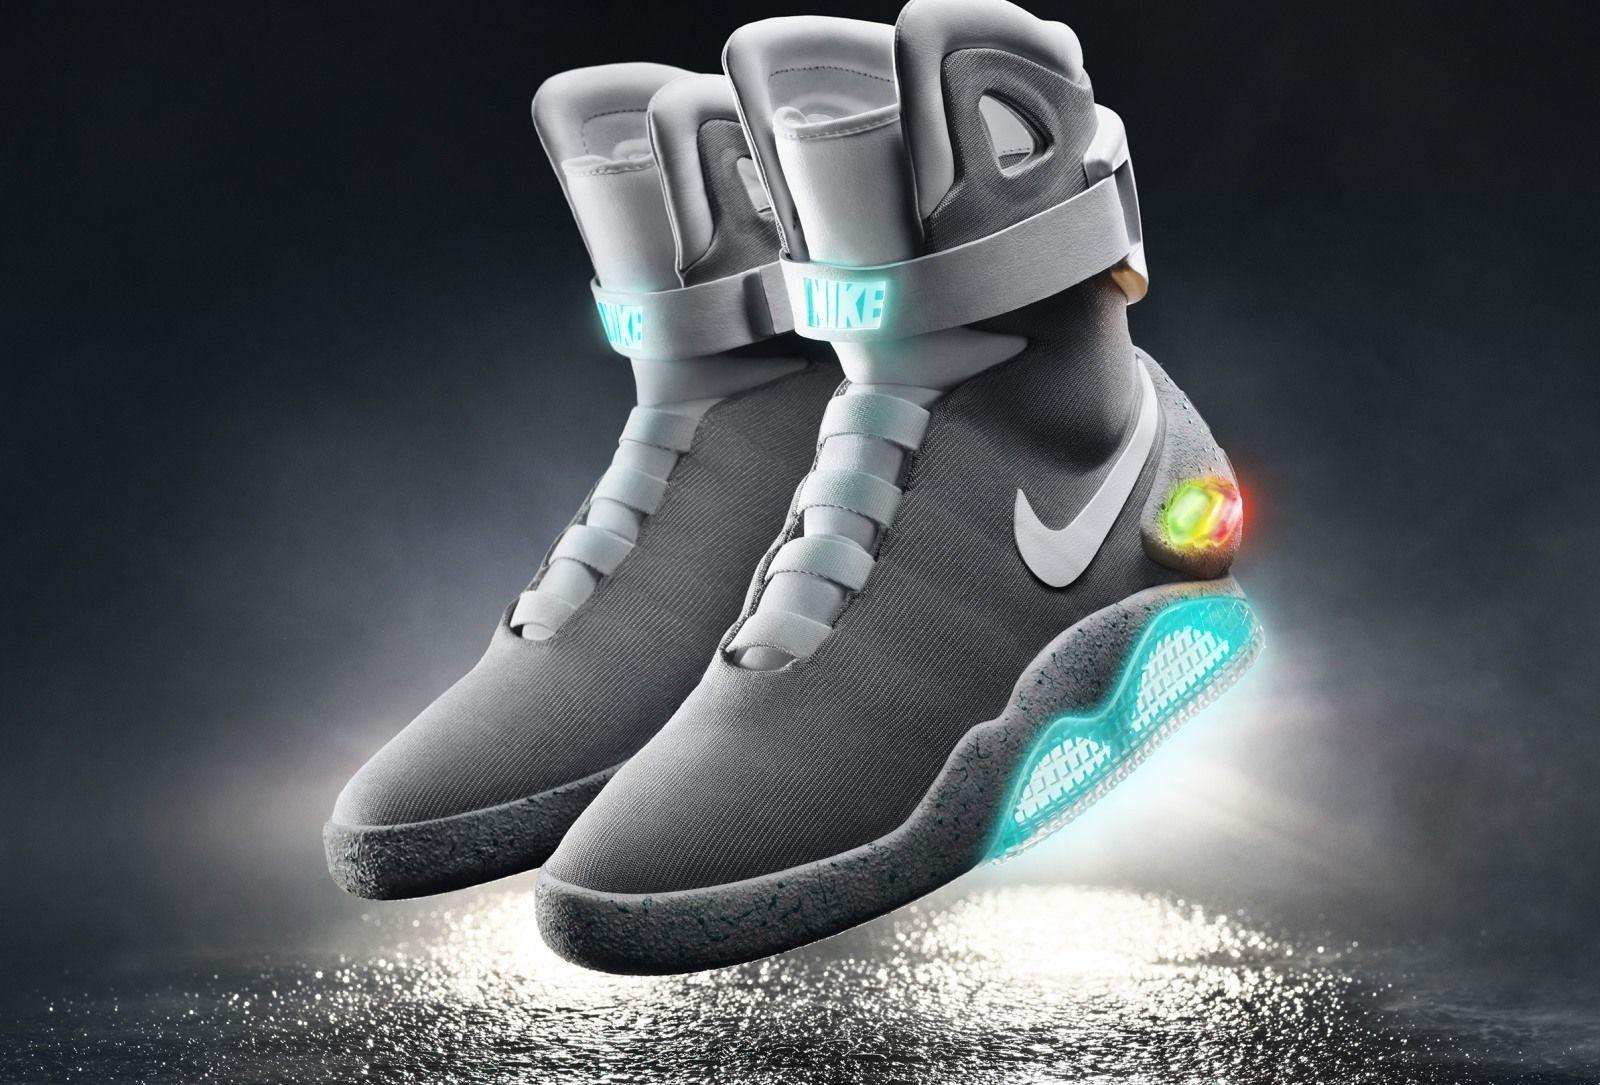 De zelfstrikkende sneaker uit 'Back tot he Future